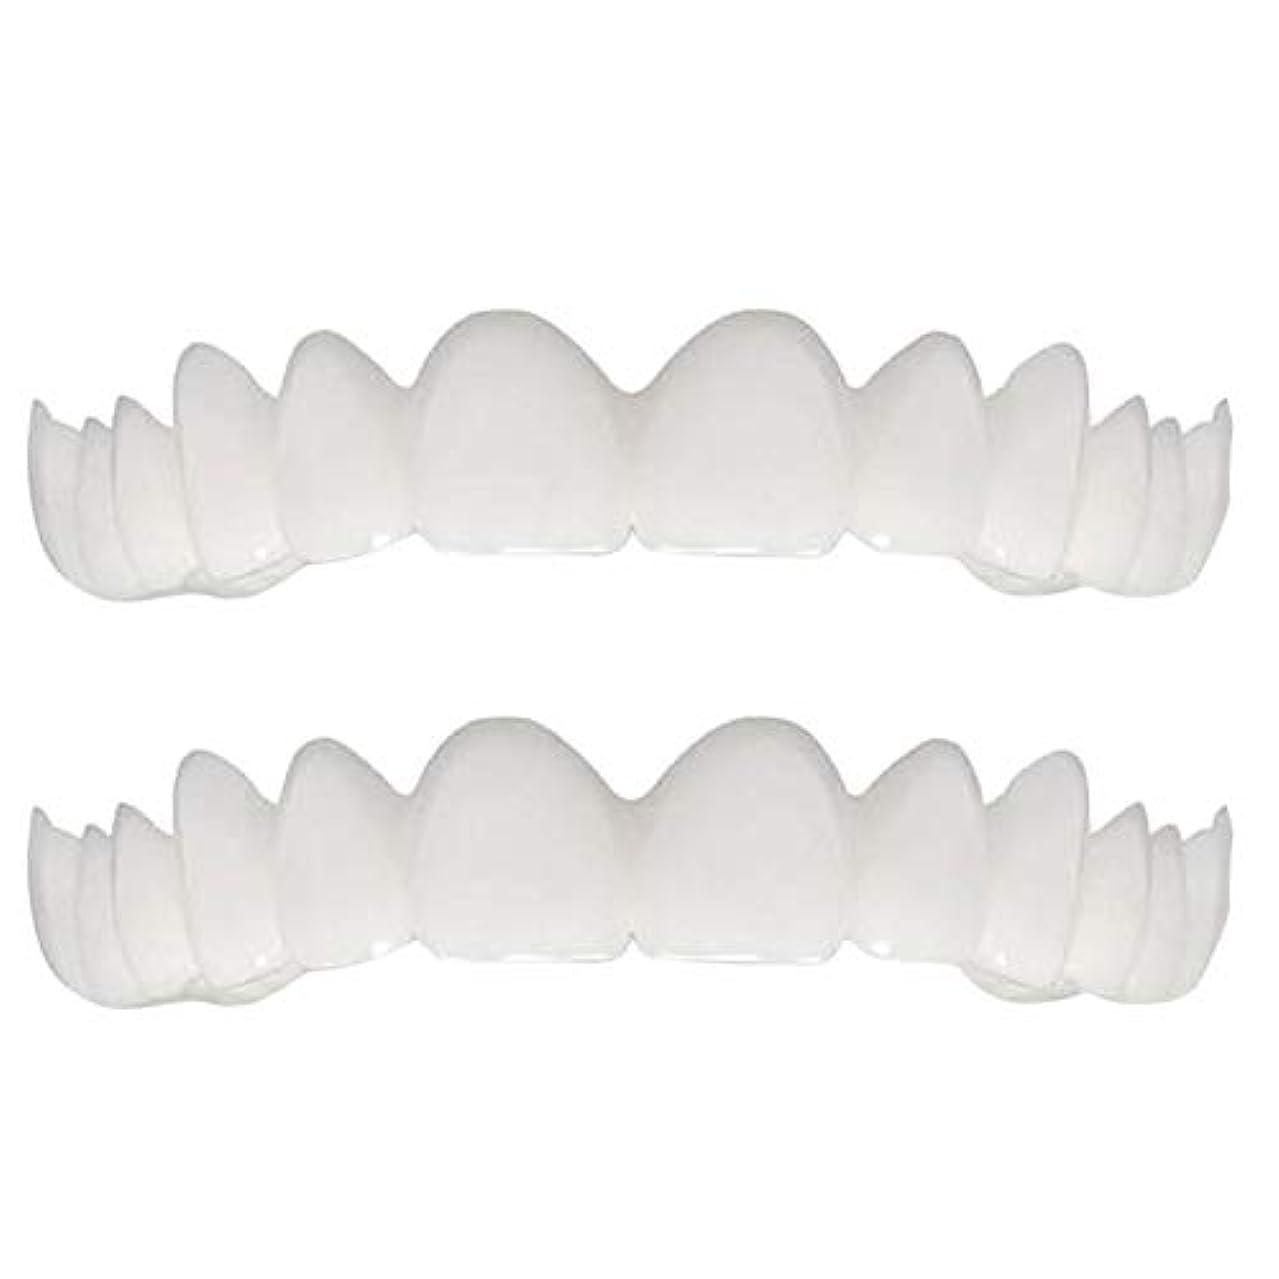 ハブブ欠如したいシリコーンシミュレーション義歯、白い歯ブレースの上下の列(5セット),Boxed,UpperLower